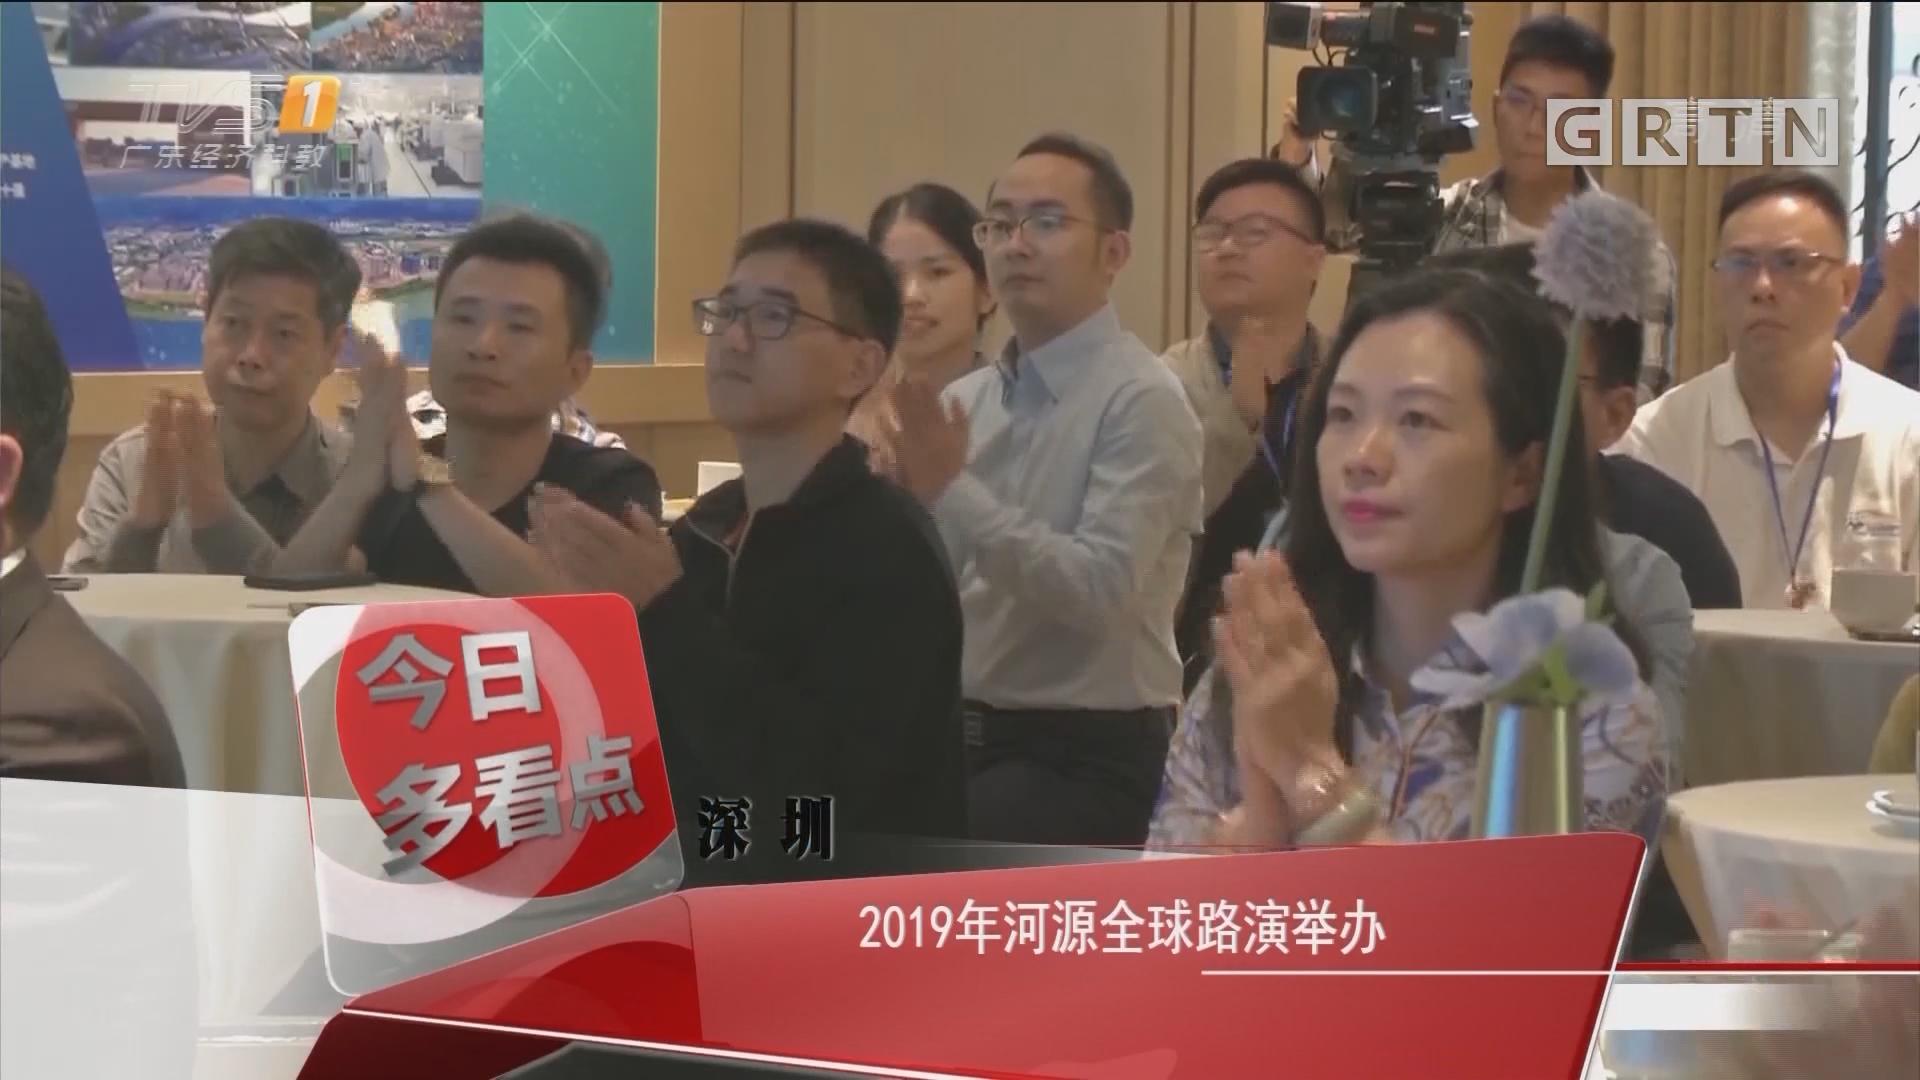 深圳:2019河源全球路演举办